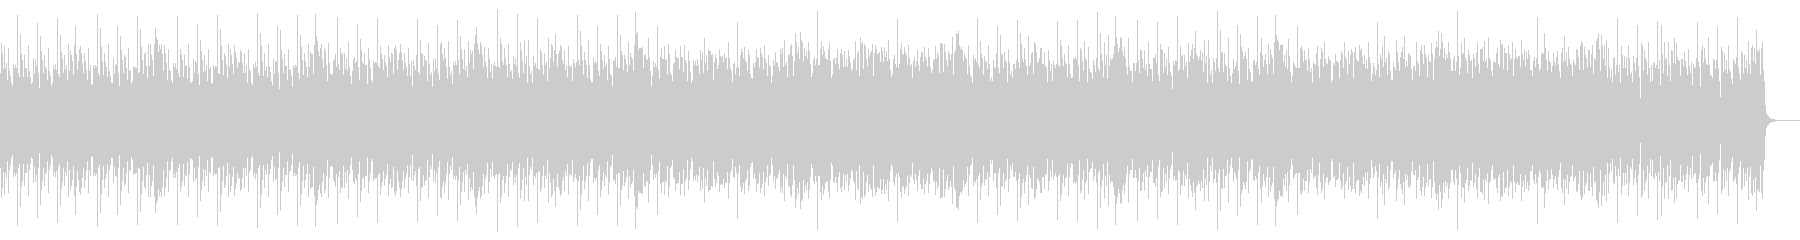 ピコピコシンセのアップテンポな曲の未再生の波形